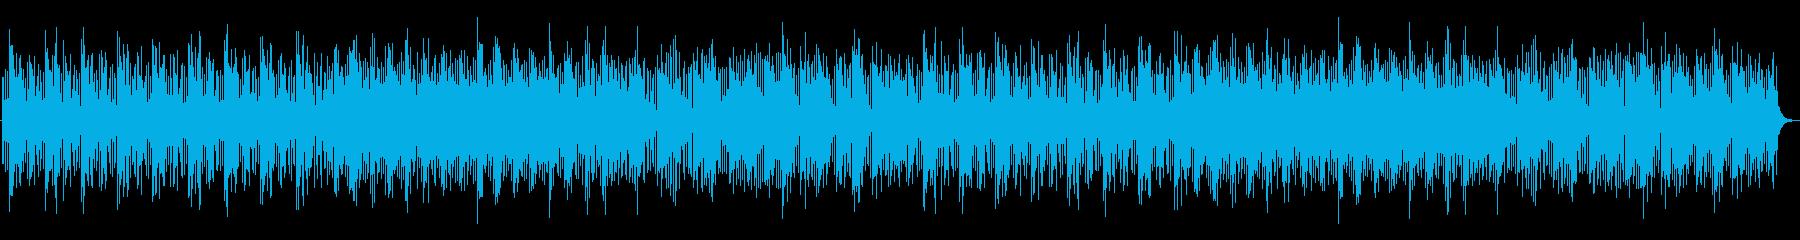 ダークで不思議なメロディーの再生済みの波形